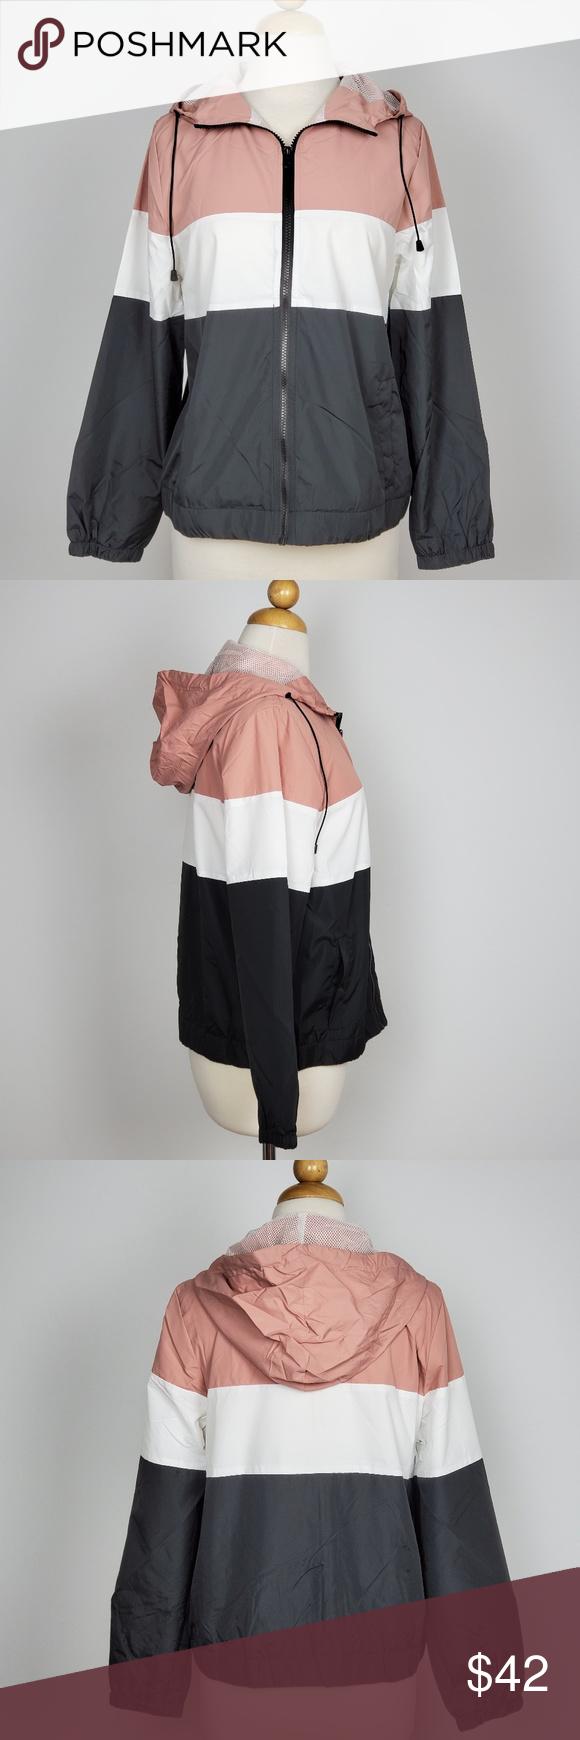 Ambiance Women S Windbreaker Hooded Jacket Coat Ambiance Women S Windbreaker Hooded Jacket Coat Drawstring Colo Womens Windbreaker Hooded Jacket Coats Jackets [ 1740 x 580 Pixel ]